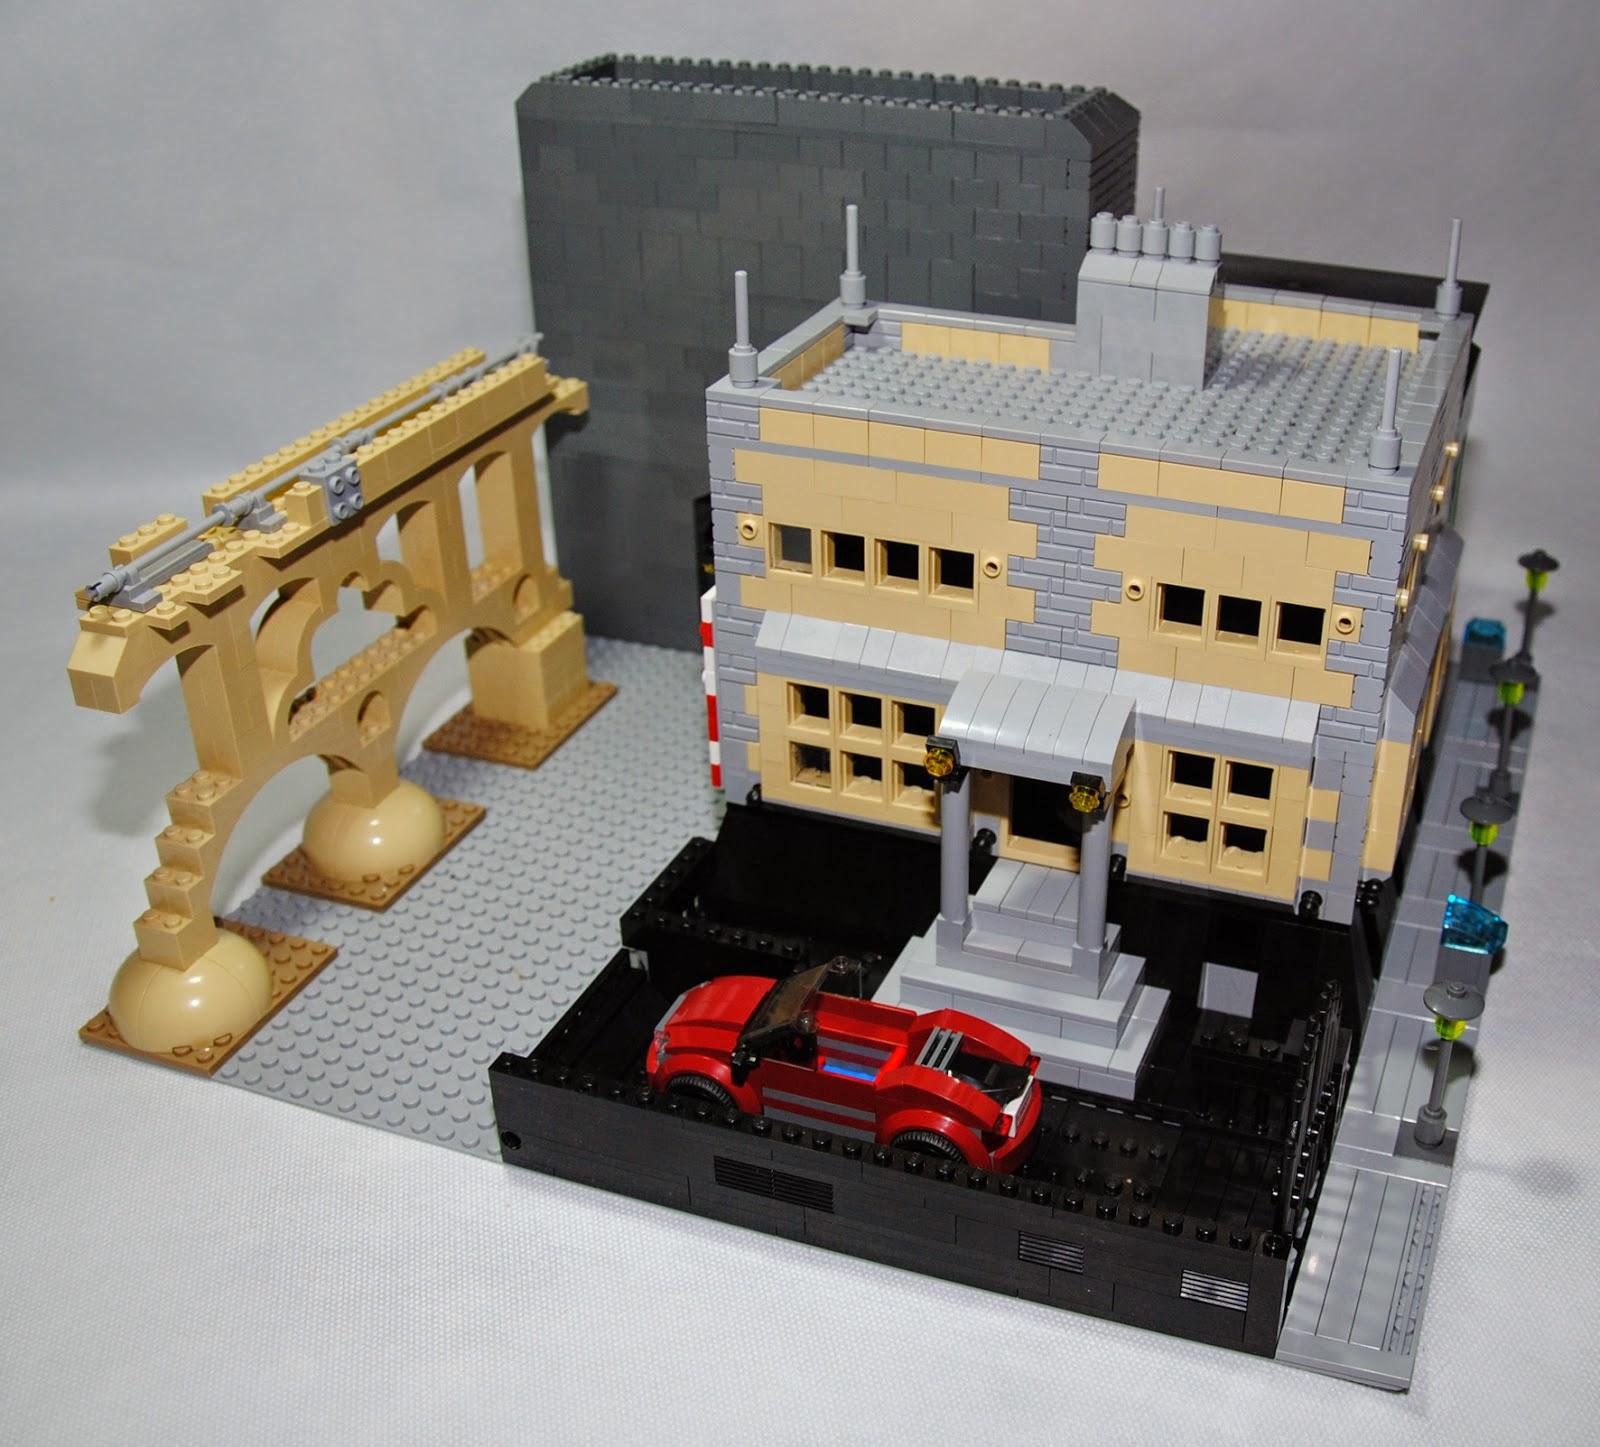 Vista general del bloque construido.